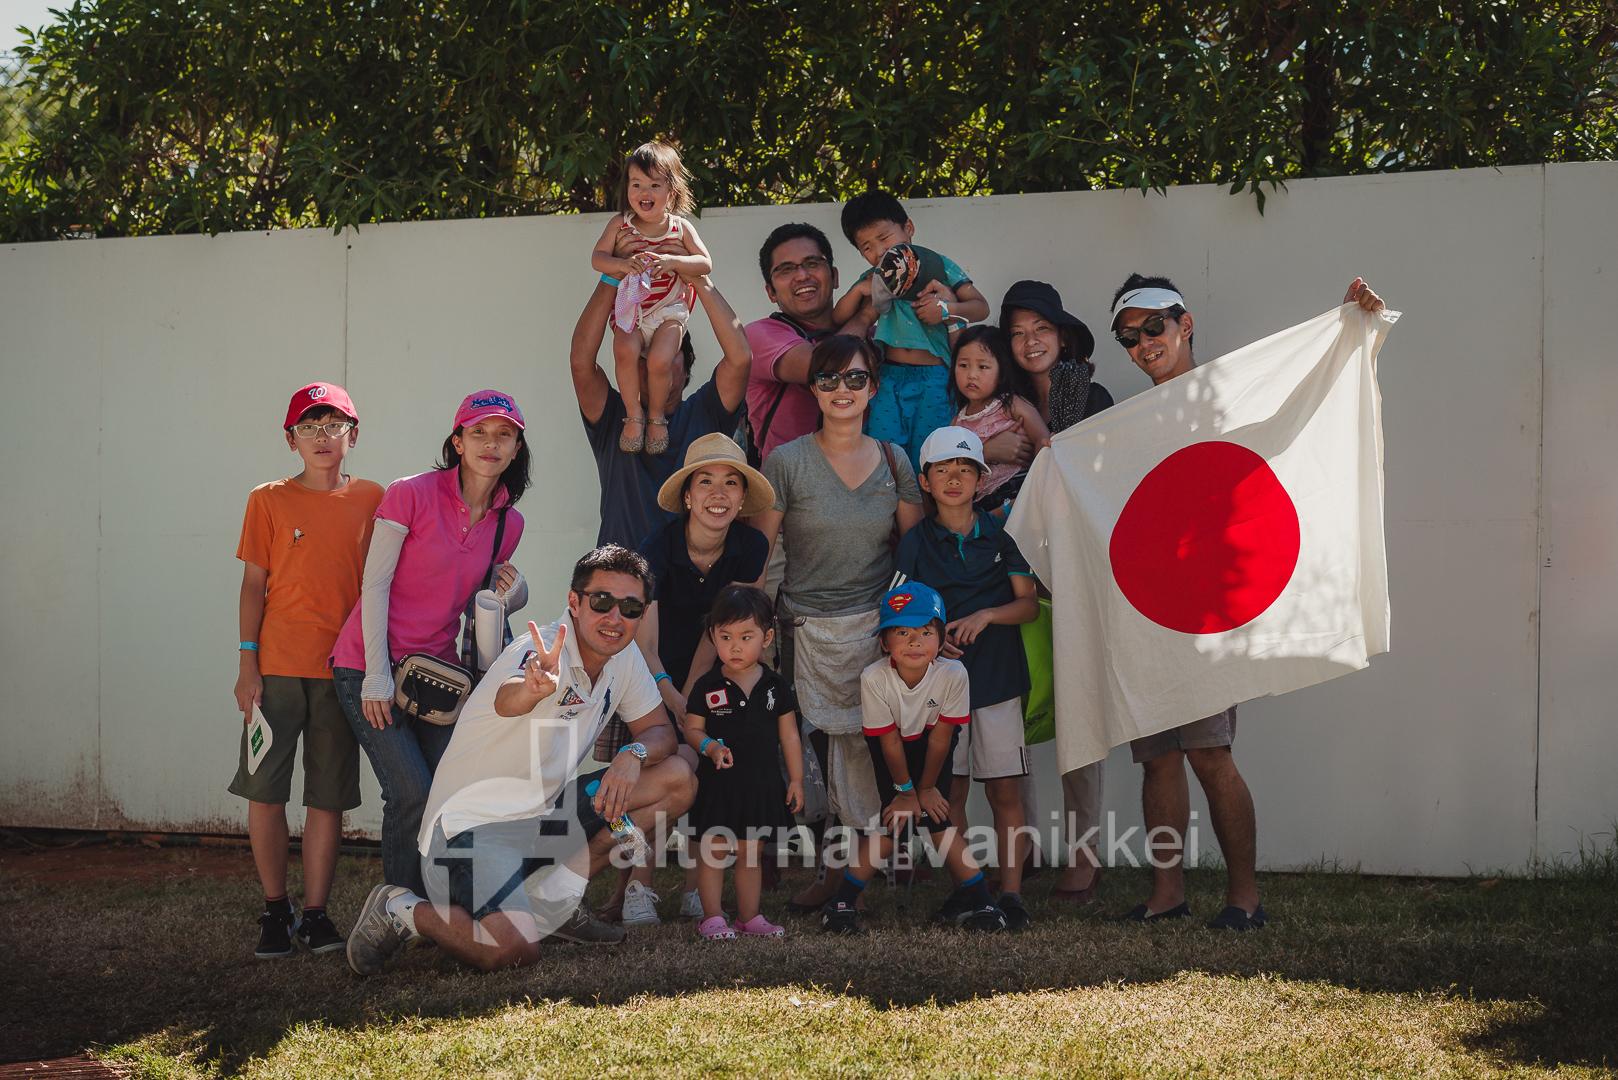 Los fans japoneses asistieron a la final del Argentina Open / Foto: Jason Kung Web de Jason Kung: http://jasonkphoto.com/web/ FB Page: https://www.facebook.com/jasonkphotostudio/